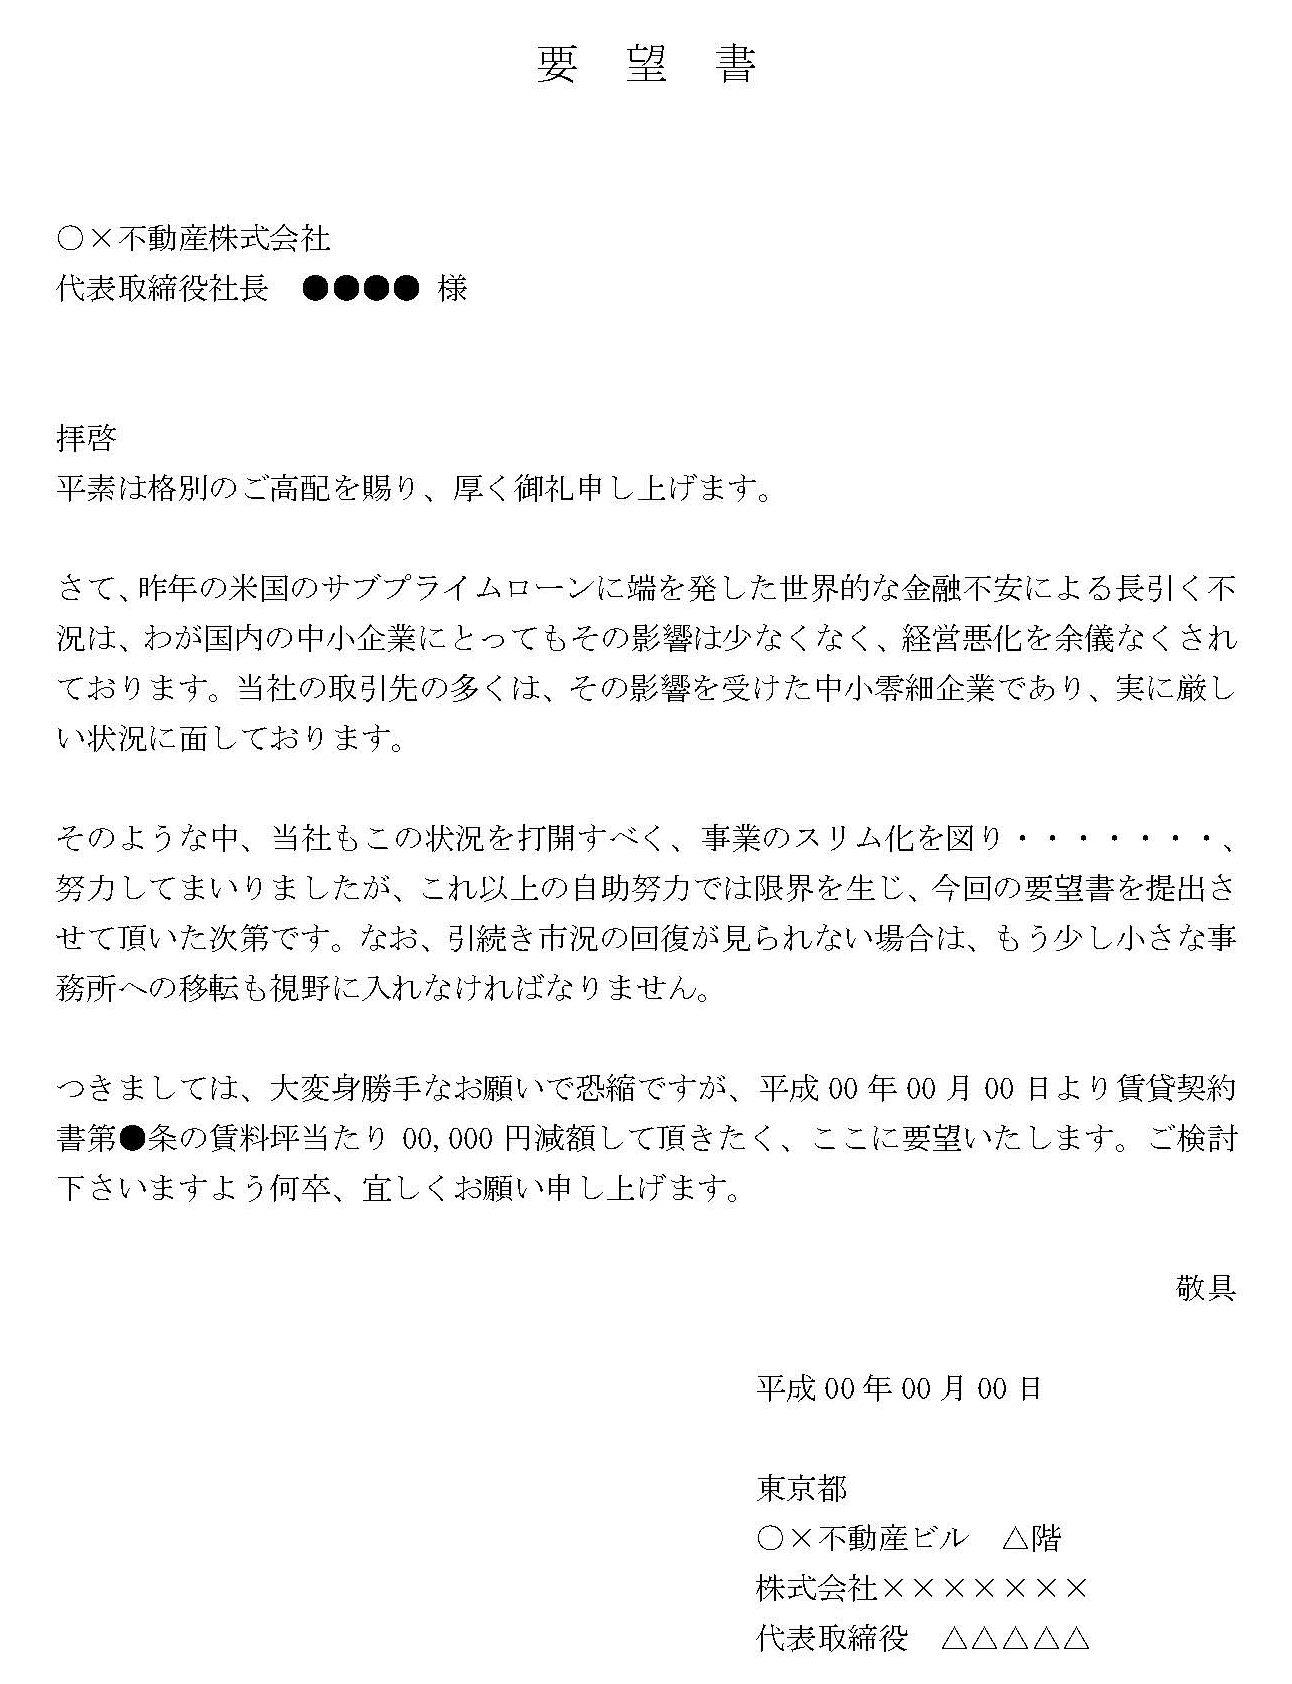 要望書03